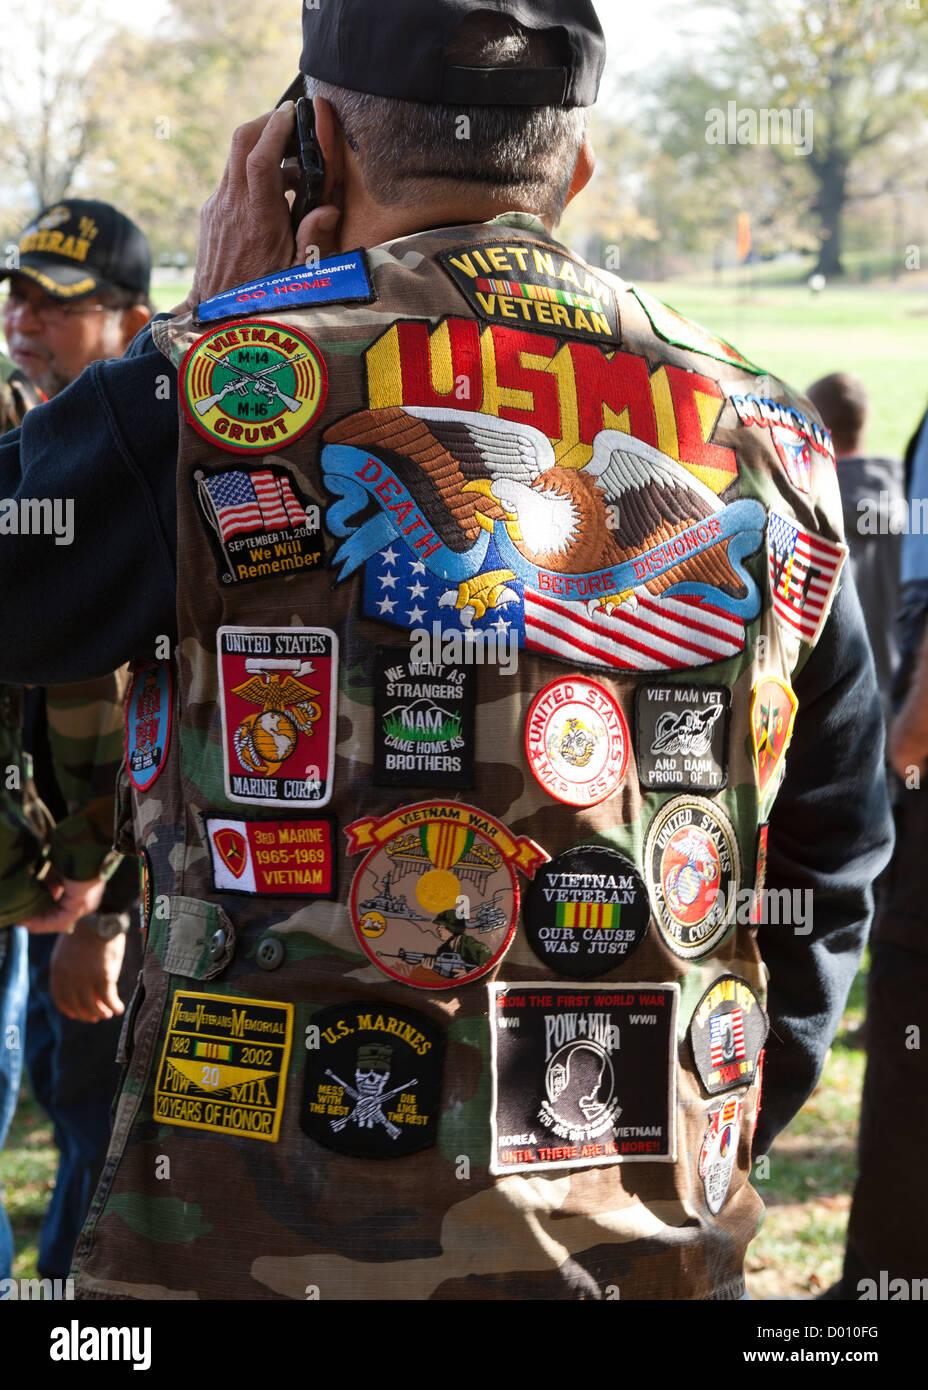 USMC veteran di indossare un giubbotto adornata con patch di militari e memorabilia Immagini Stock